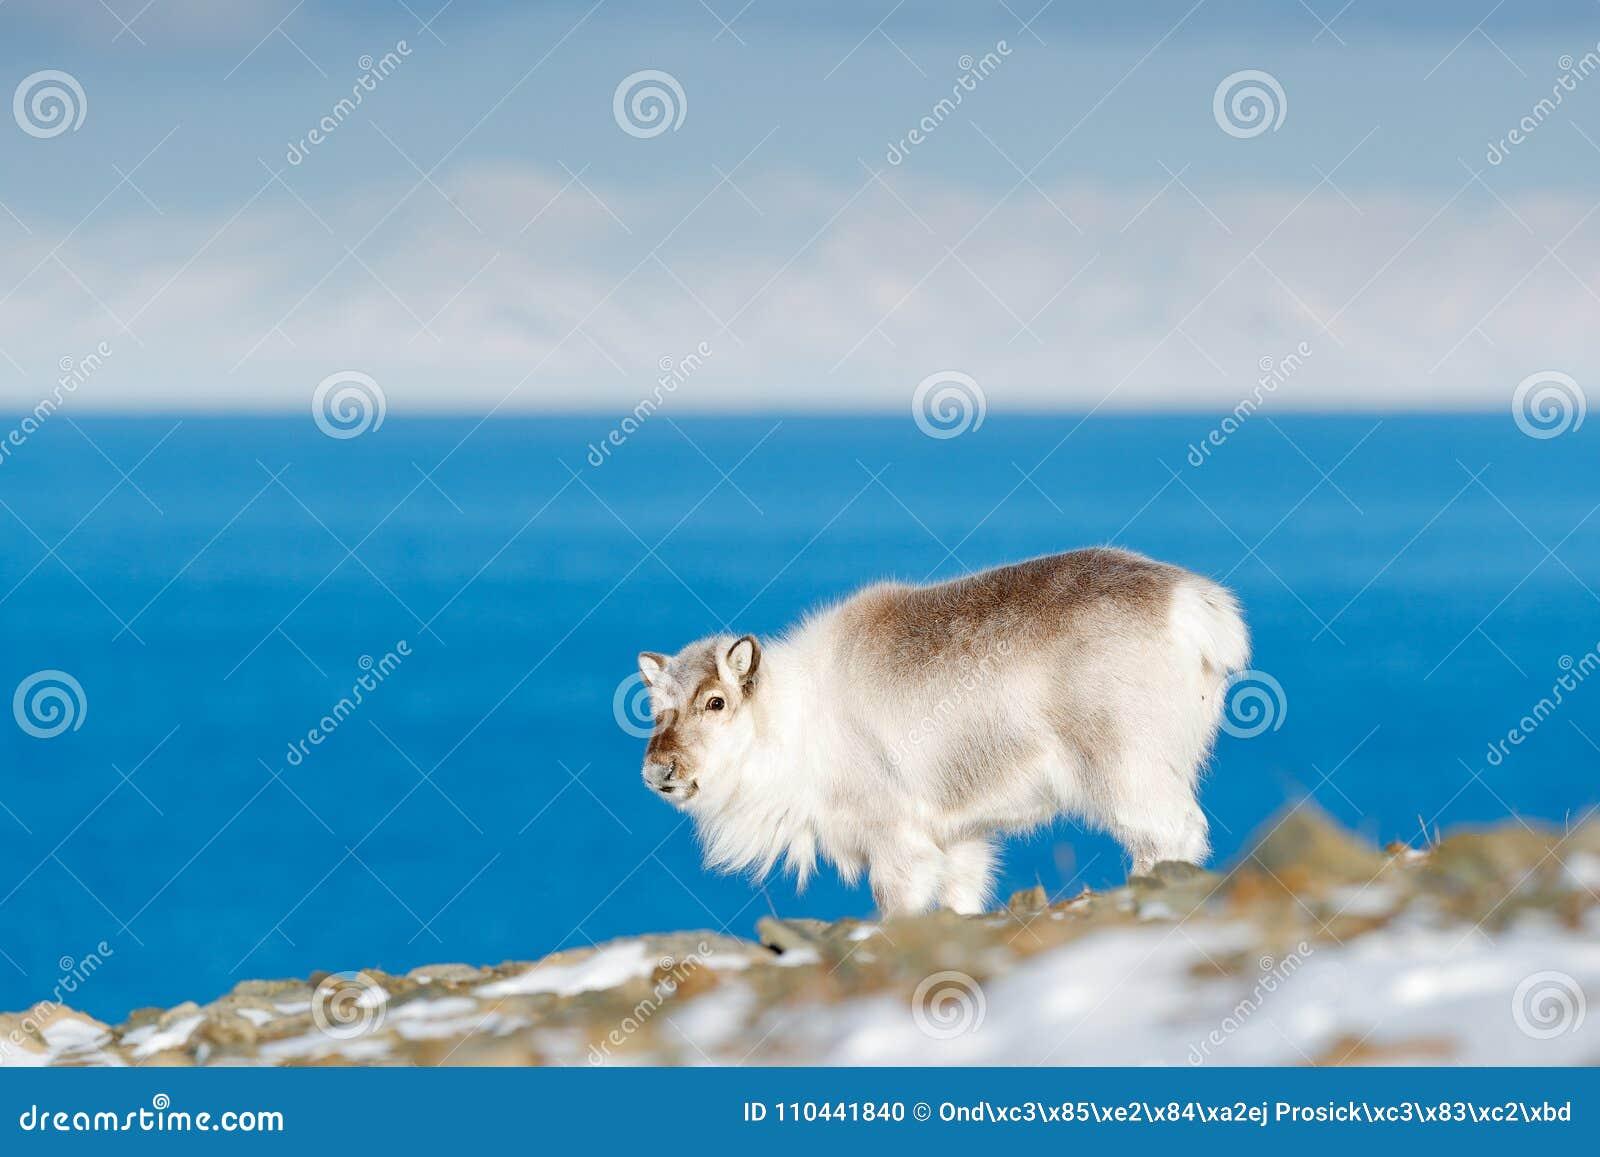 冬天斯瓦尔巴特群岛 野生驯鹿,驯鹿属tarandus,与在雪的巨型的鹿角,斯瓦尔巴特群岛,挪威 在落矶山脉的斯瓦尔巴特群岛鹿